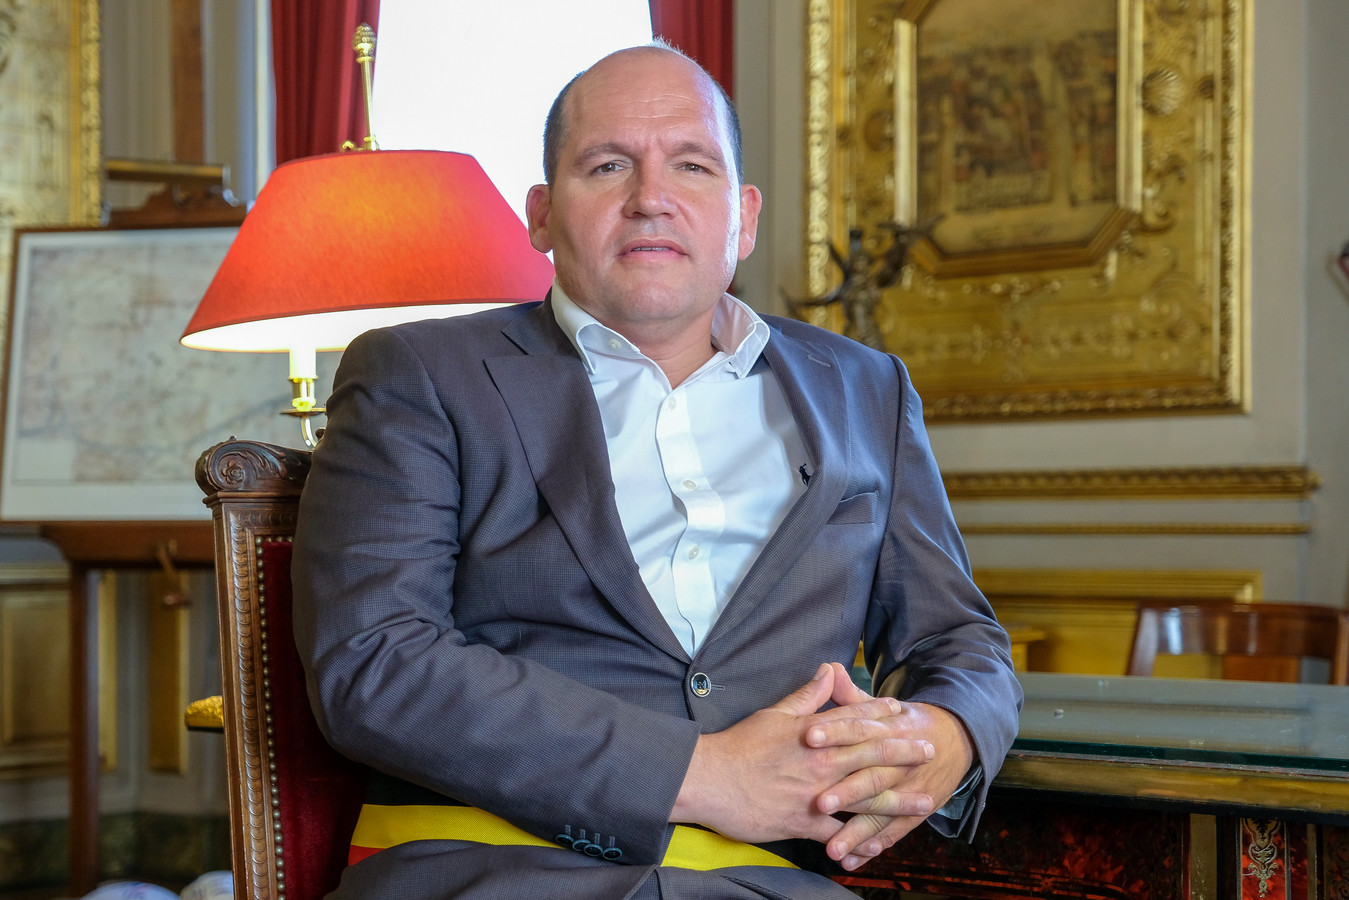 Philippe Close (PS) wil vooroplopen in de organisatie van coronaveilige evenementen.